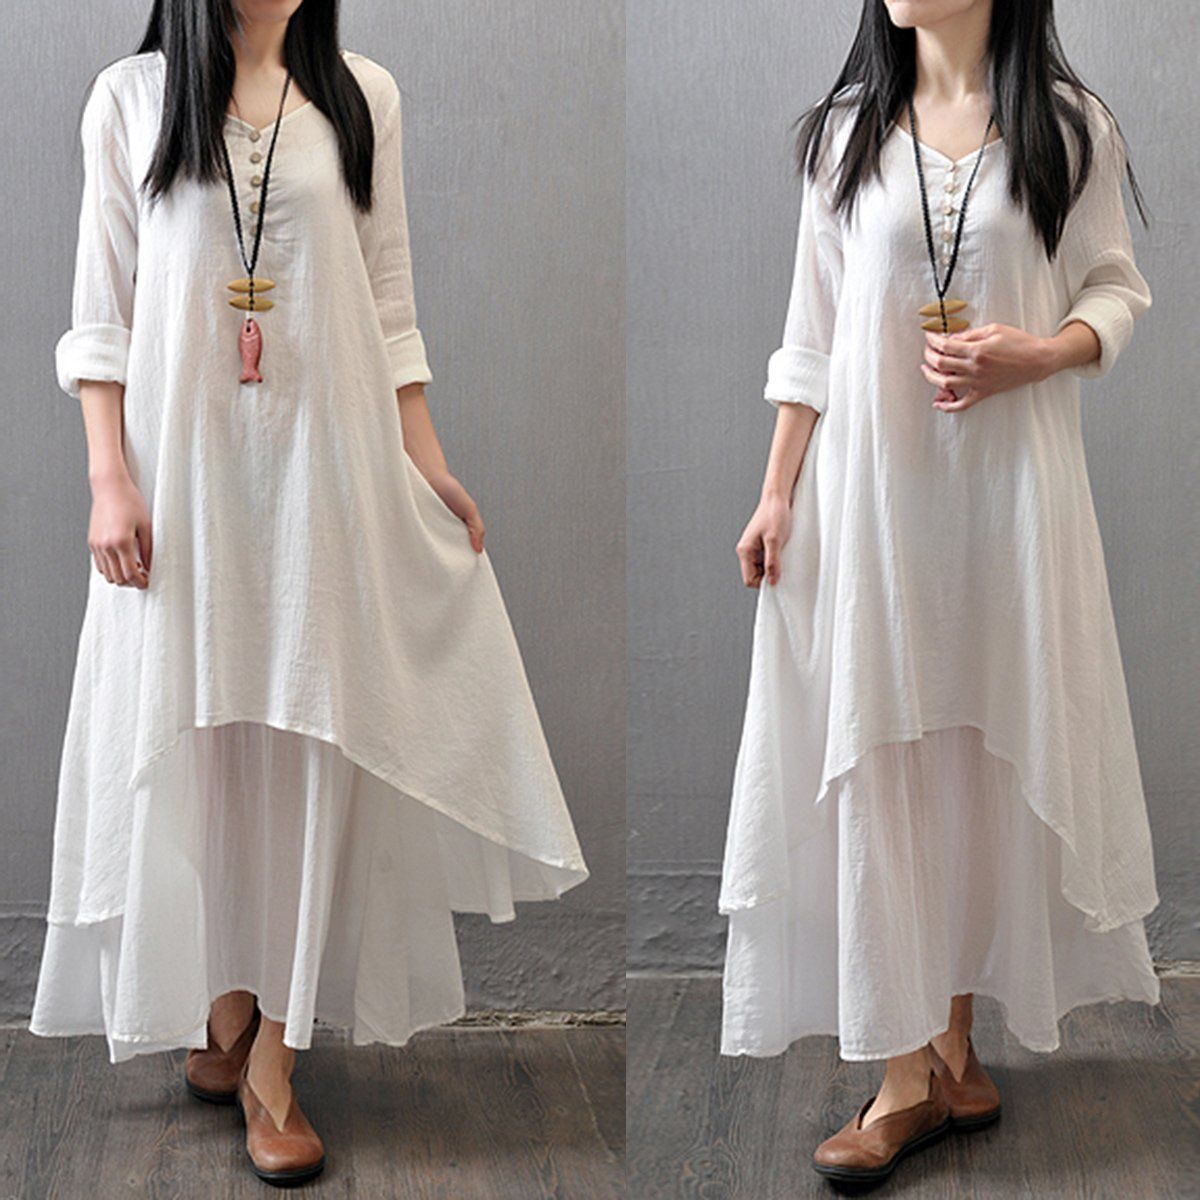 Весна Boho женское V Nekc крестьянское этническое хлопковое льняное Повседневное платье макси с длинными рукавами на пуговицах Несимметричное длинное платье хит